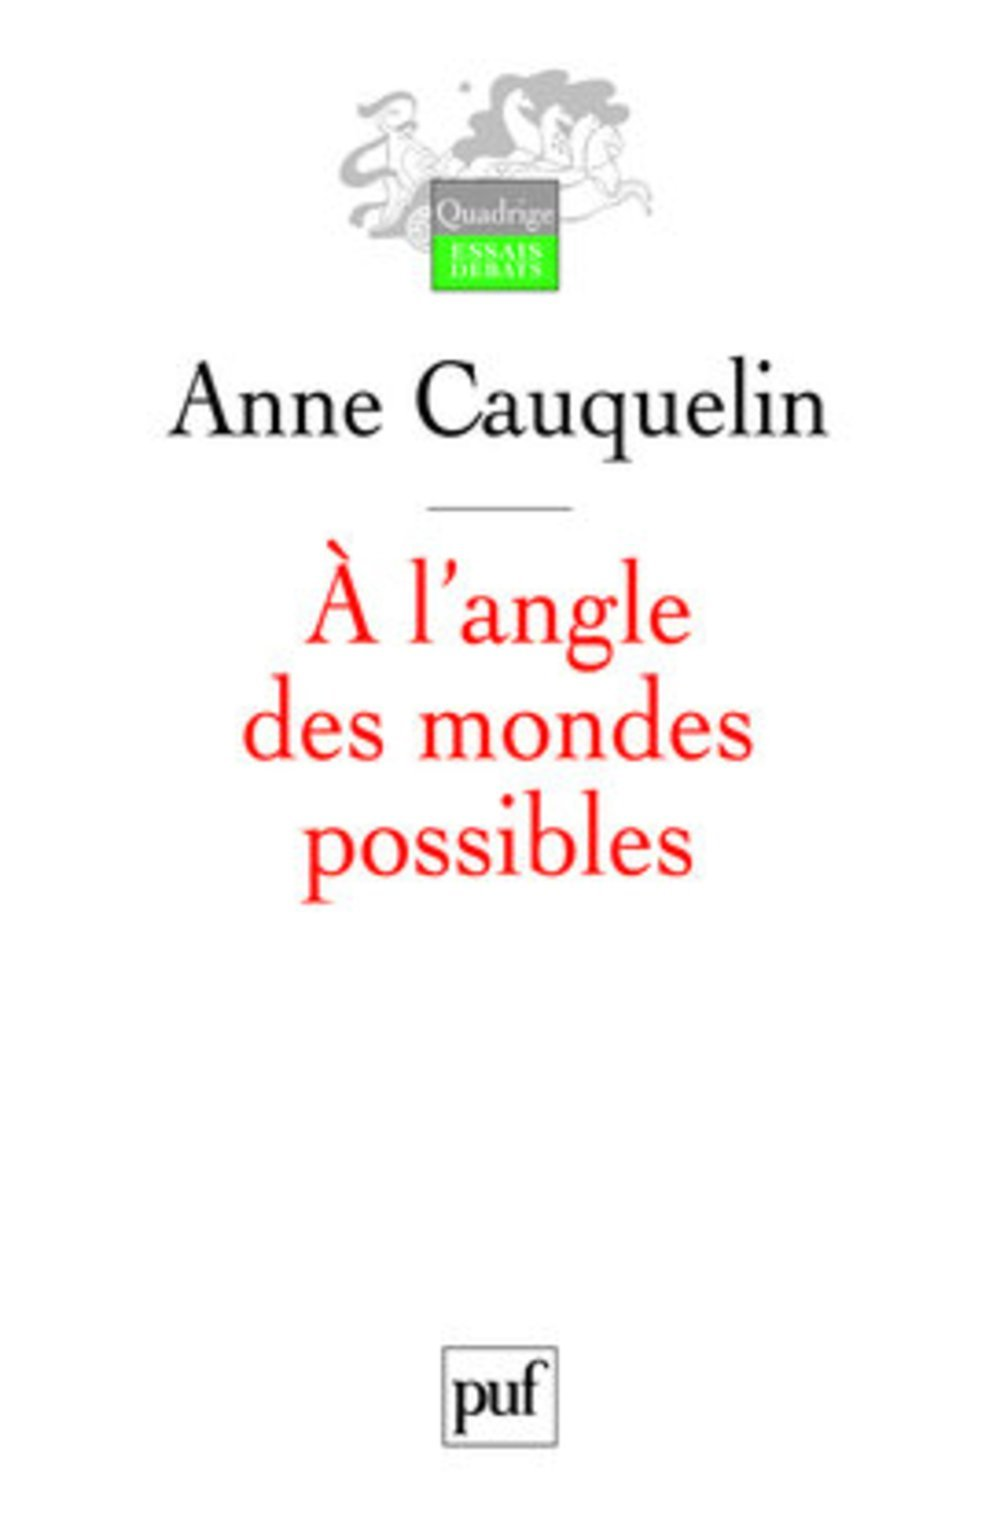 À langle des mondes possibles Anne Cauquelin